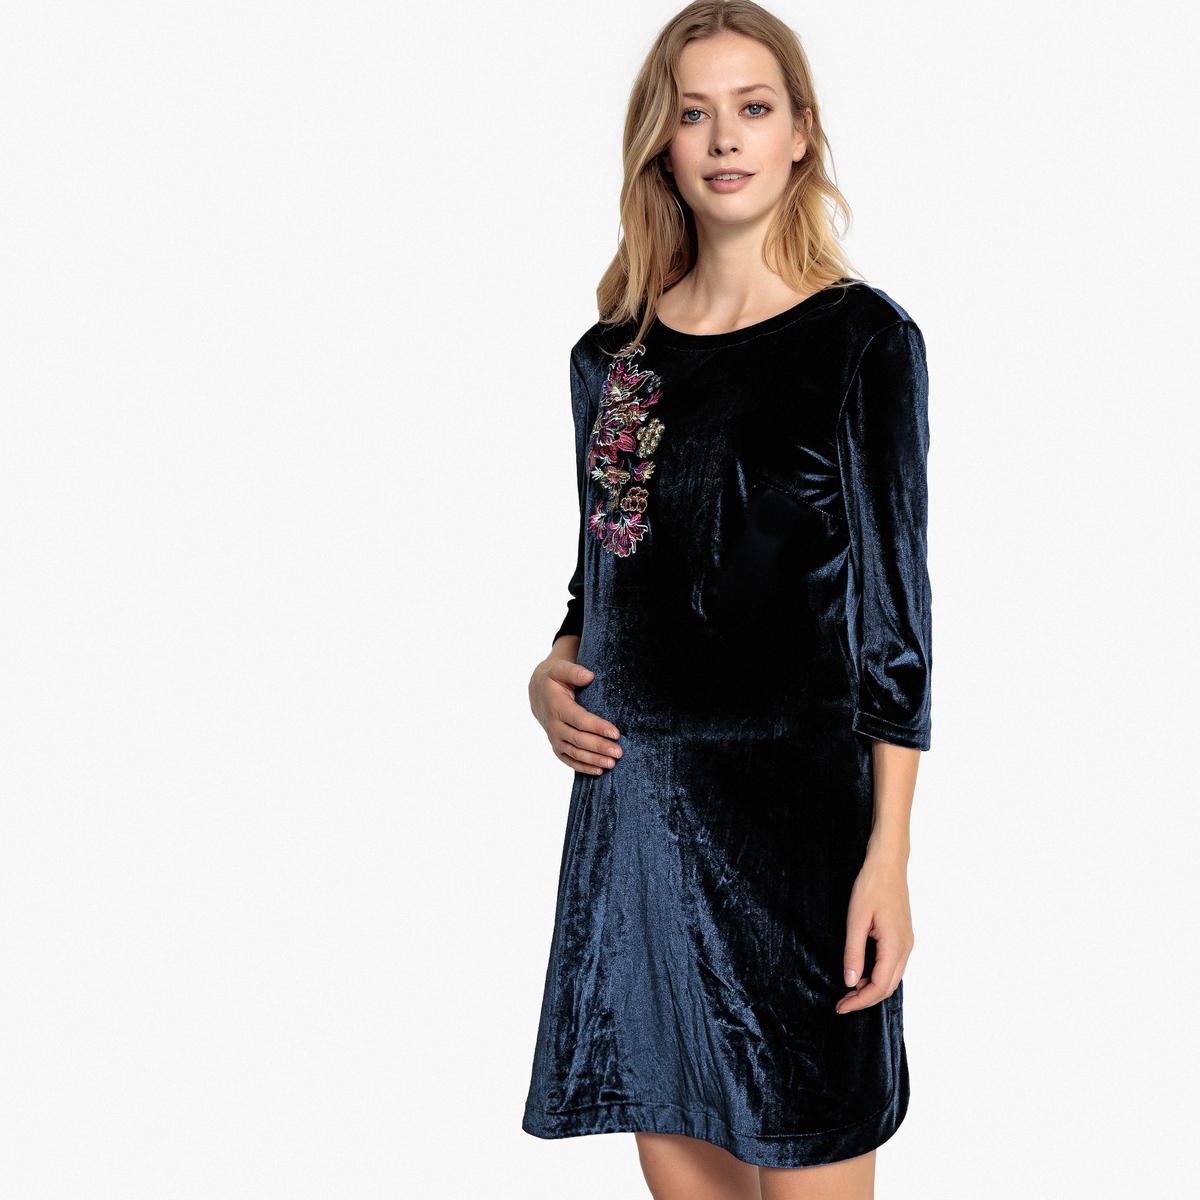 Платье La Redoute Для периода беременности из велюра с принтом спереди S синий платье la redoute из трикотажа для периода беременности s другие